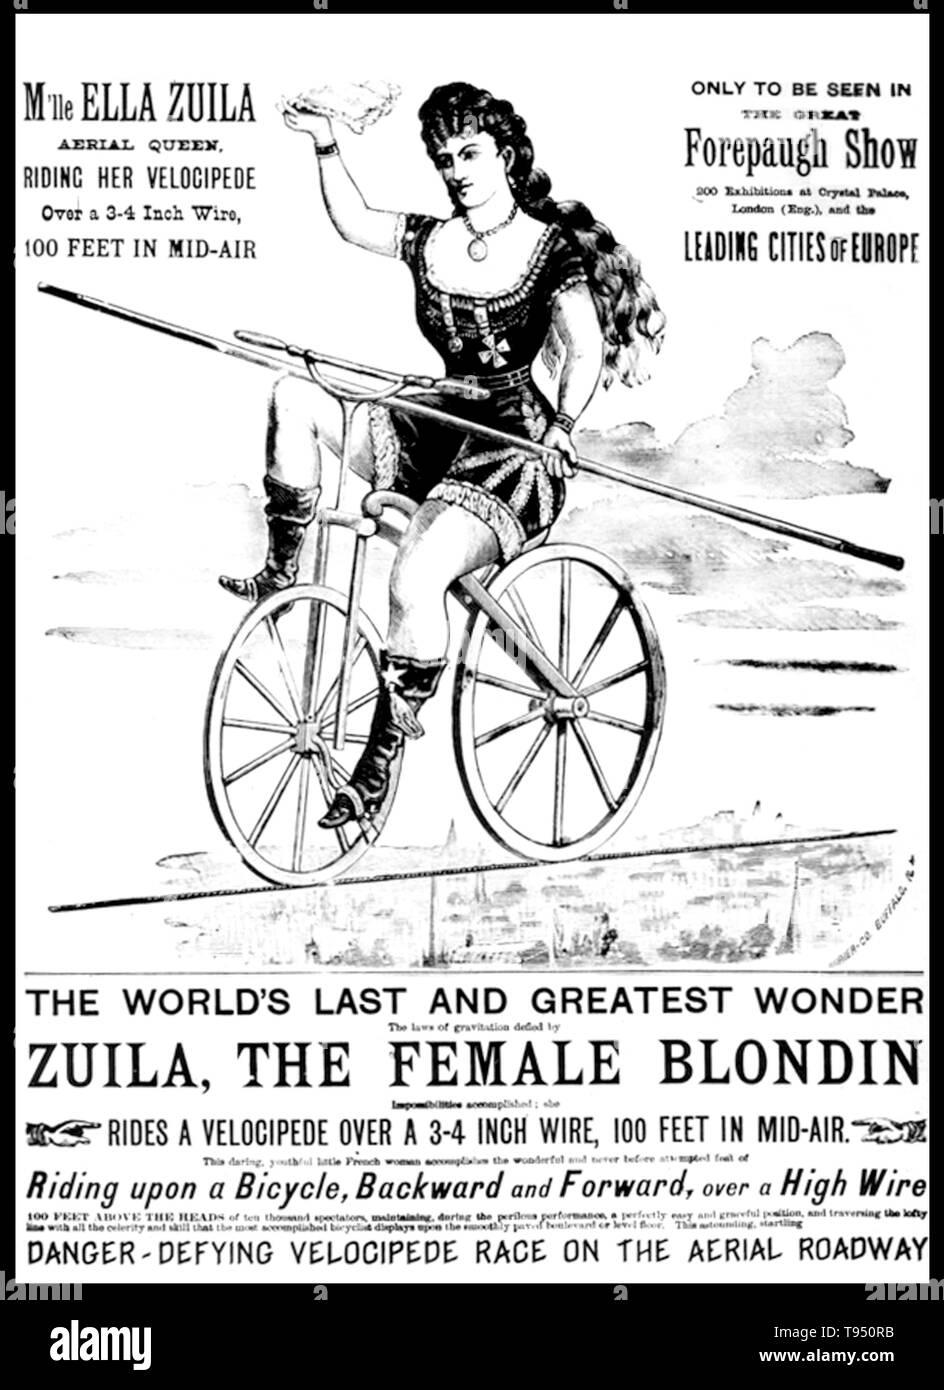 Ella Zuila (gestorben 1926) war der berühmteste Australische öffentlichkeit Entertainer ihrer Zeit. Ella nicht nur die Kabel laufen; sie durchlaufen; Rädern ein Kind über Sie in einem Barrow; ging es in Stelzen und mit einem vollen Körper Augenbinde, und auf einer denkwürdigen Anlass, von den Knien hing ihr gefeuert - heraus zu fangen-von-ein-Kanone Ehemann, George Royal. Ihre Karriere ein tragisches Ende in Dublin am 26. August 1904, als sie und ihr Dreirad fiel von der High Wire im runden Raum der Rotunde. Es gab kein Sicherheitsnetz, und sie war zu schlecht jemals verletzt erneut ausführen. Sie starb im Jahre 1926. Stockfoto